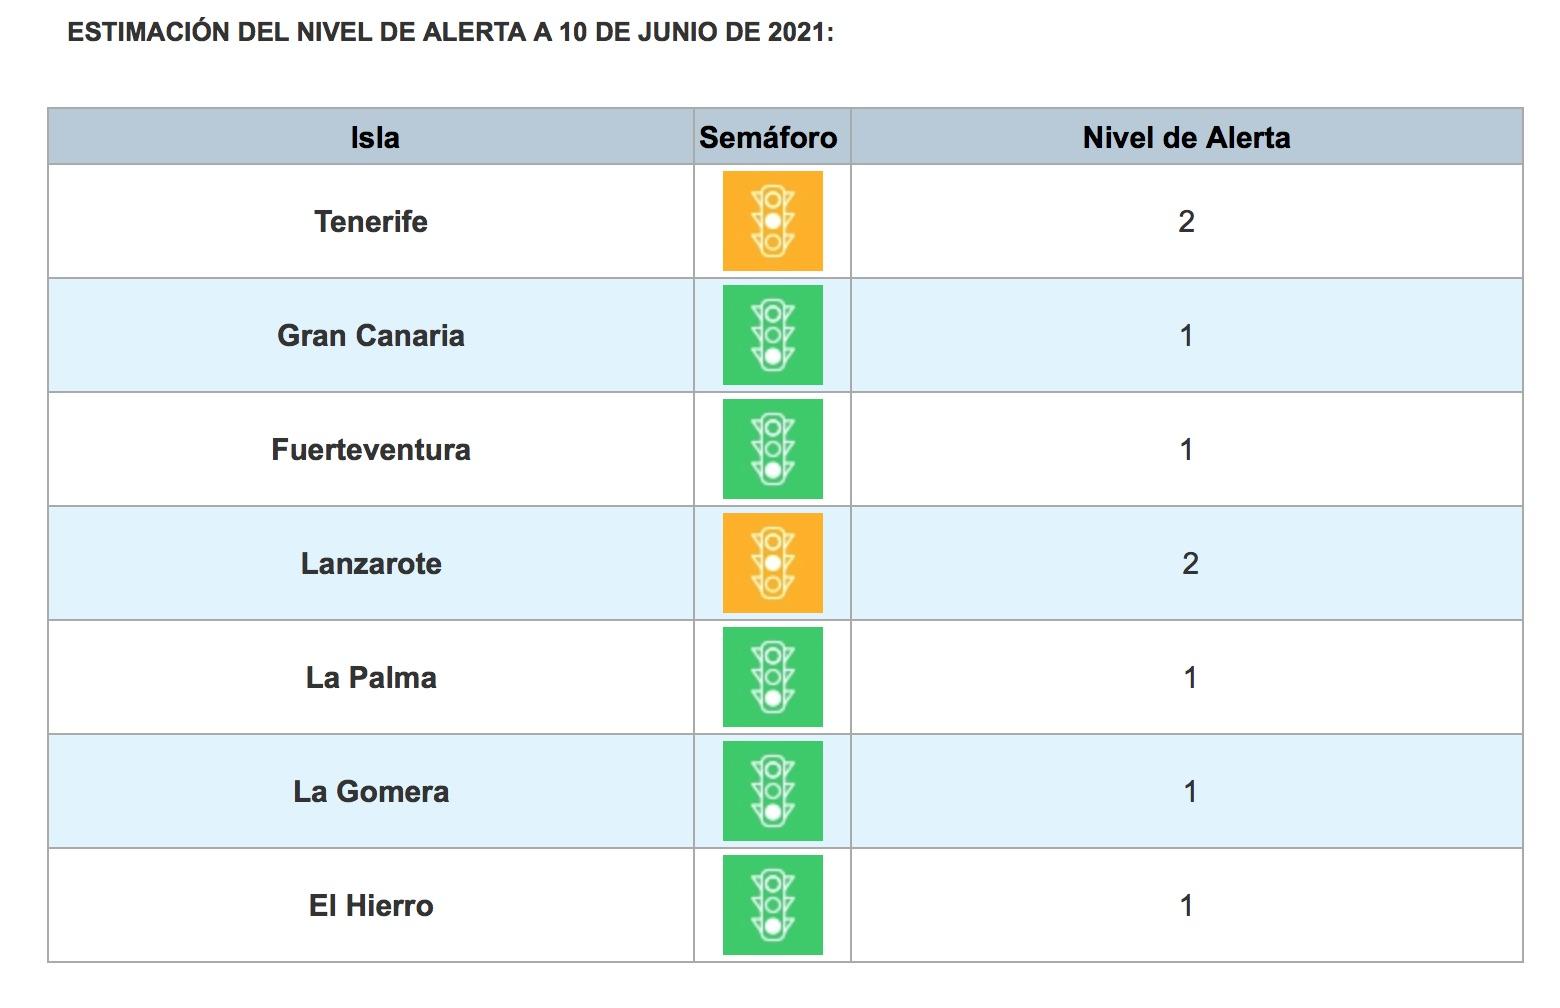 Tenerife y Lanzarote continúan en nivel 2; y El Hierro, Fuerteventura, Gran Canaria, La Gomera, y La Palma, en nivel 1